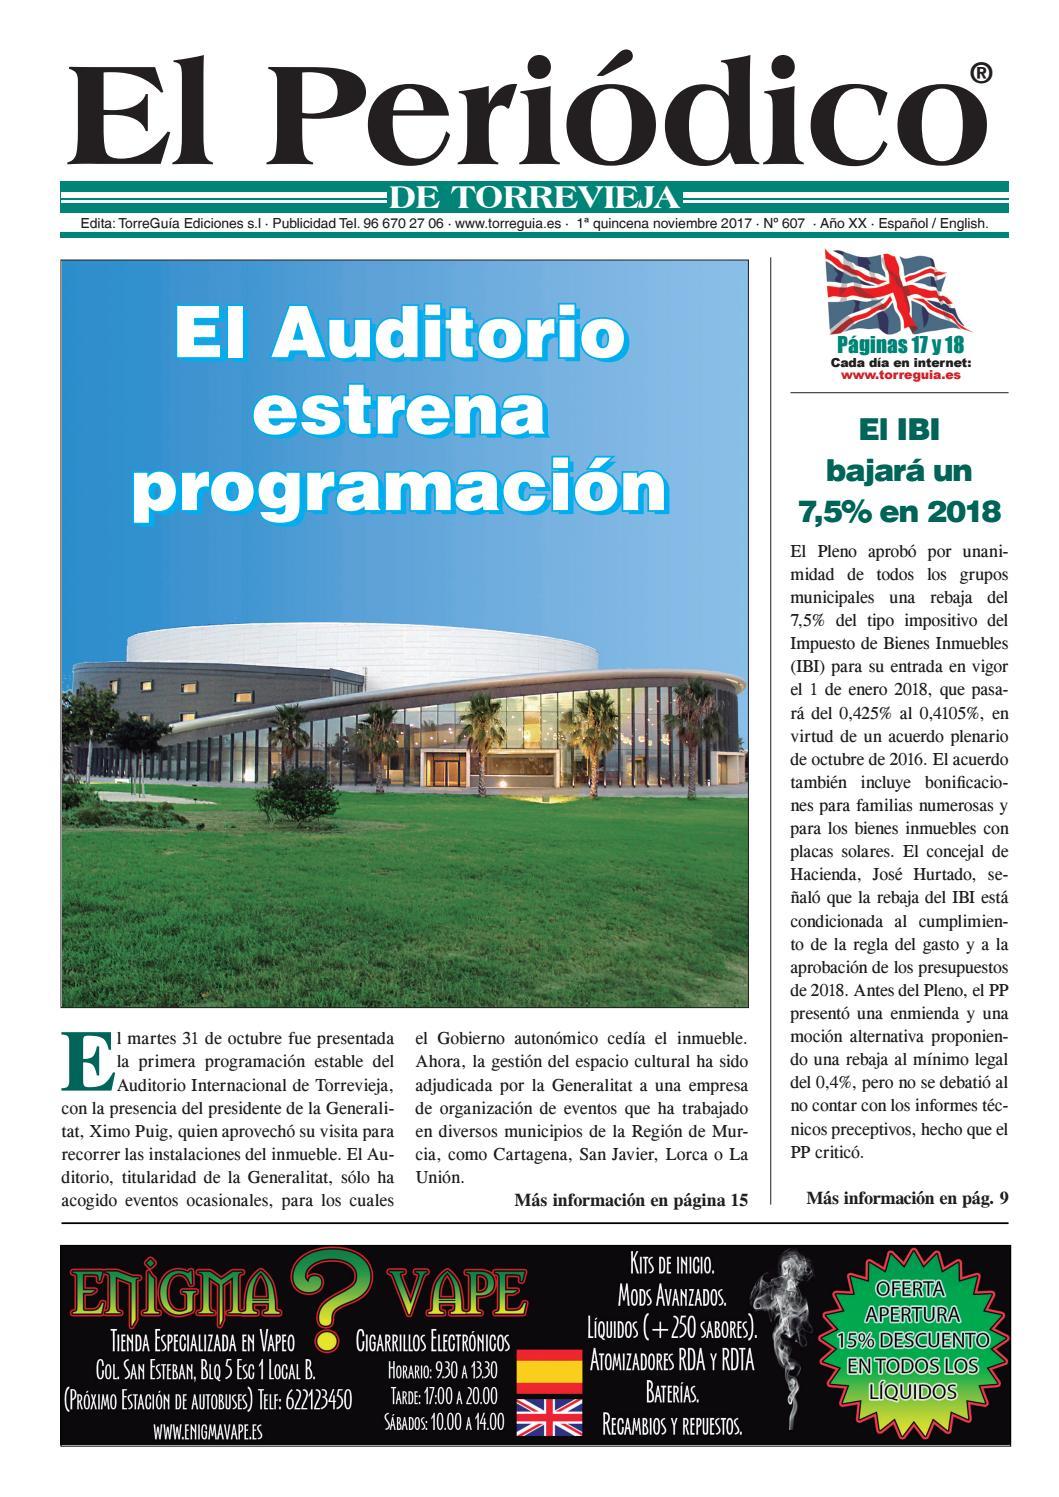 El Periódico de Torrevieja nº607 by Torreguía Ediciones - issuu